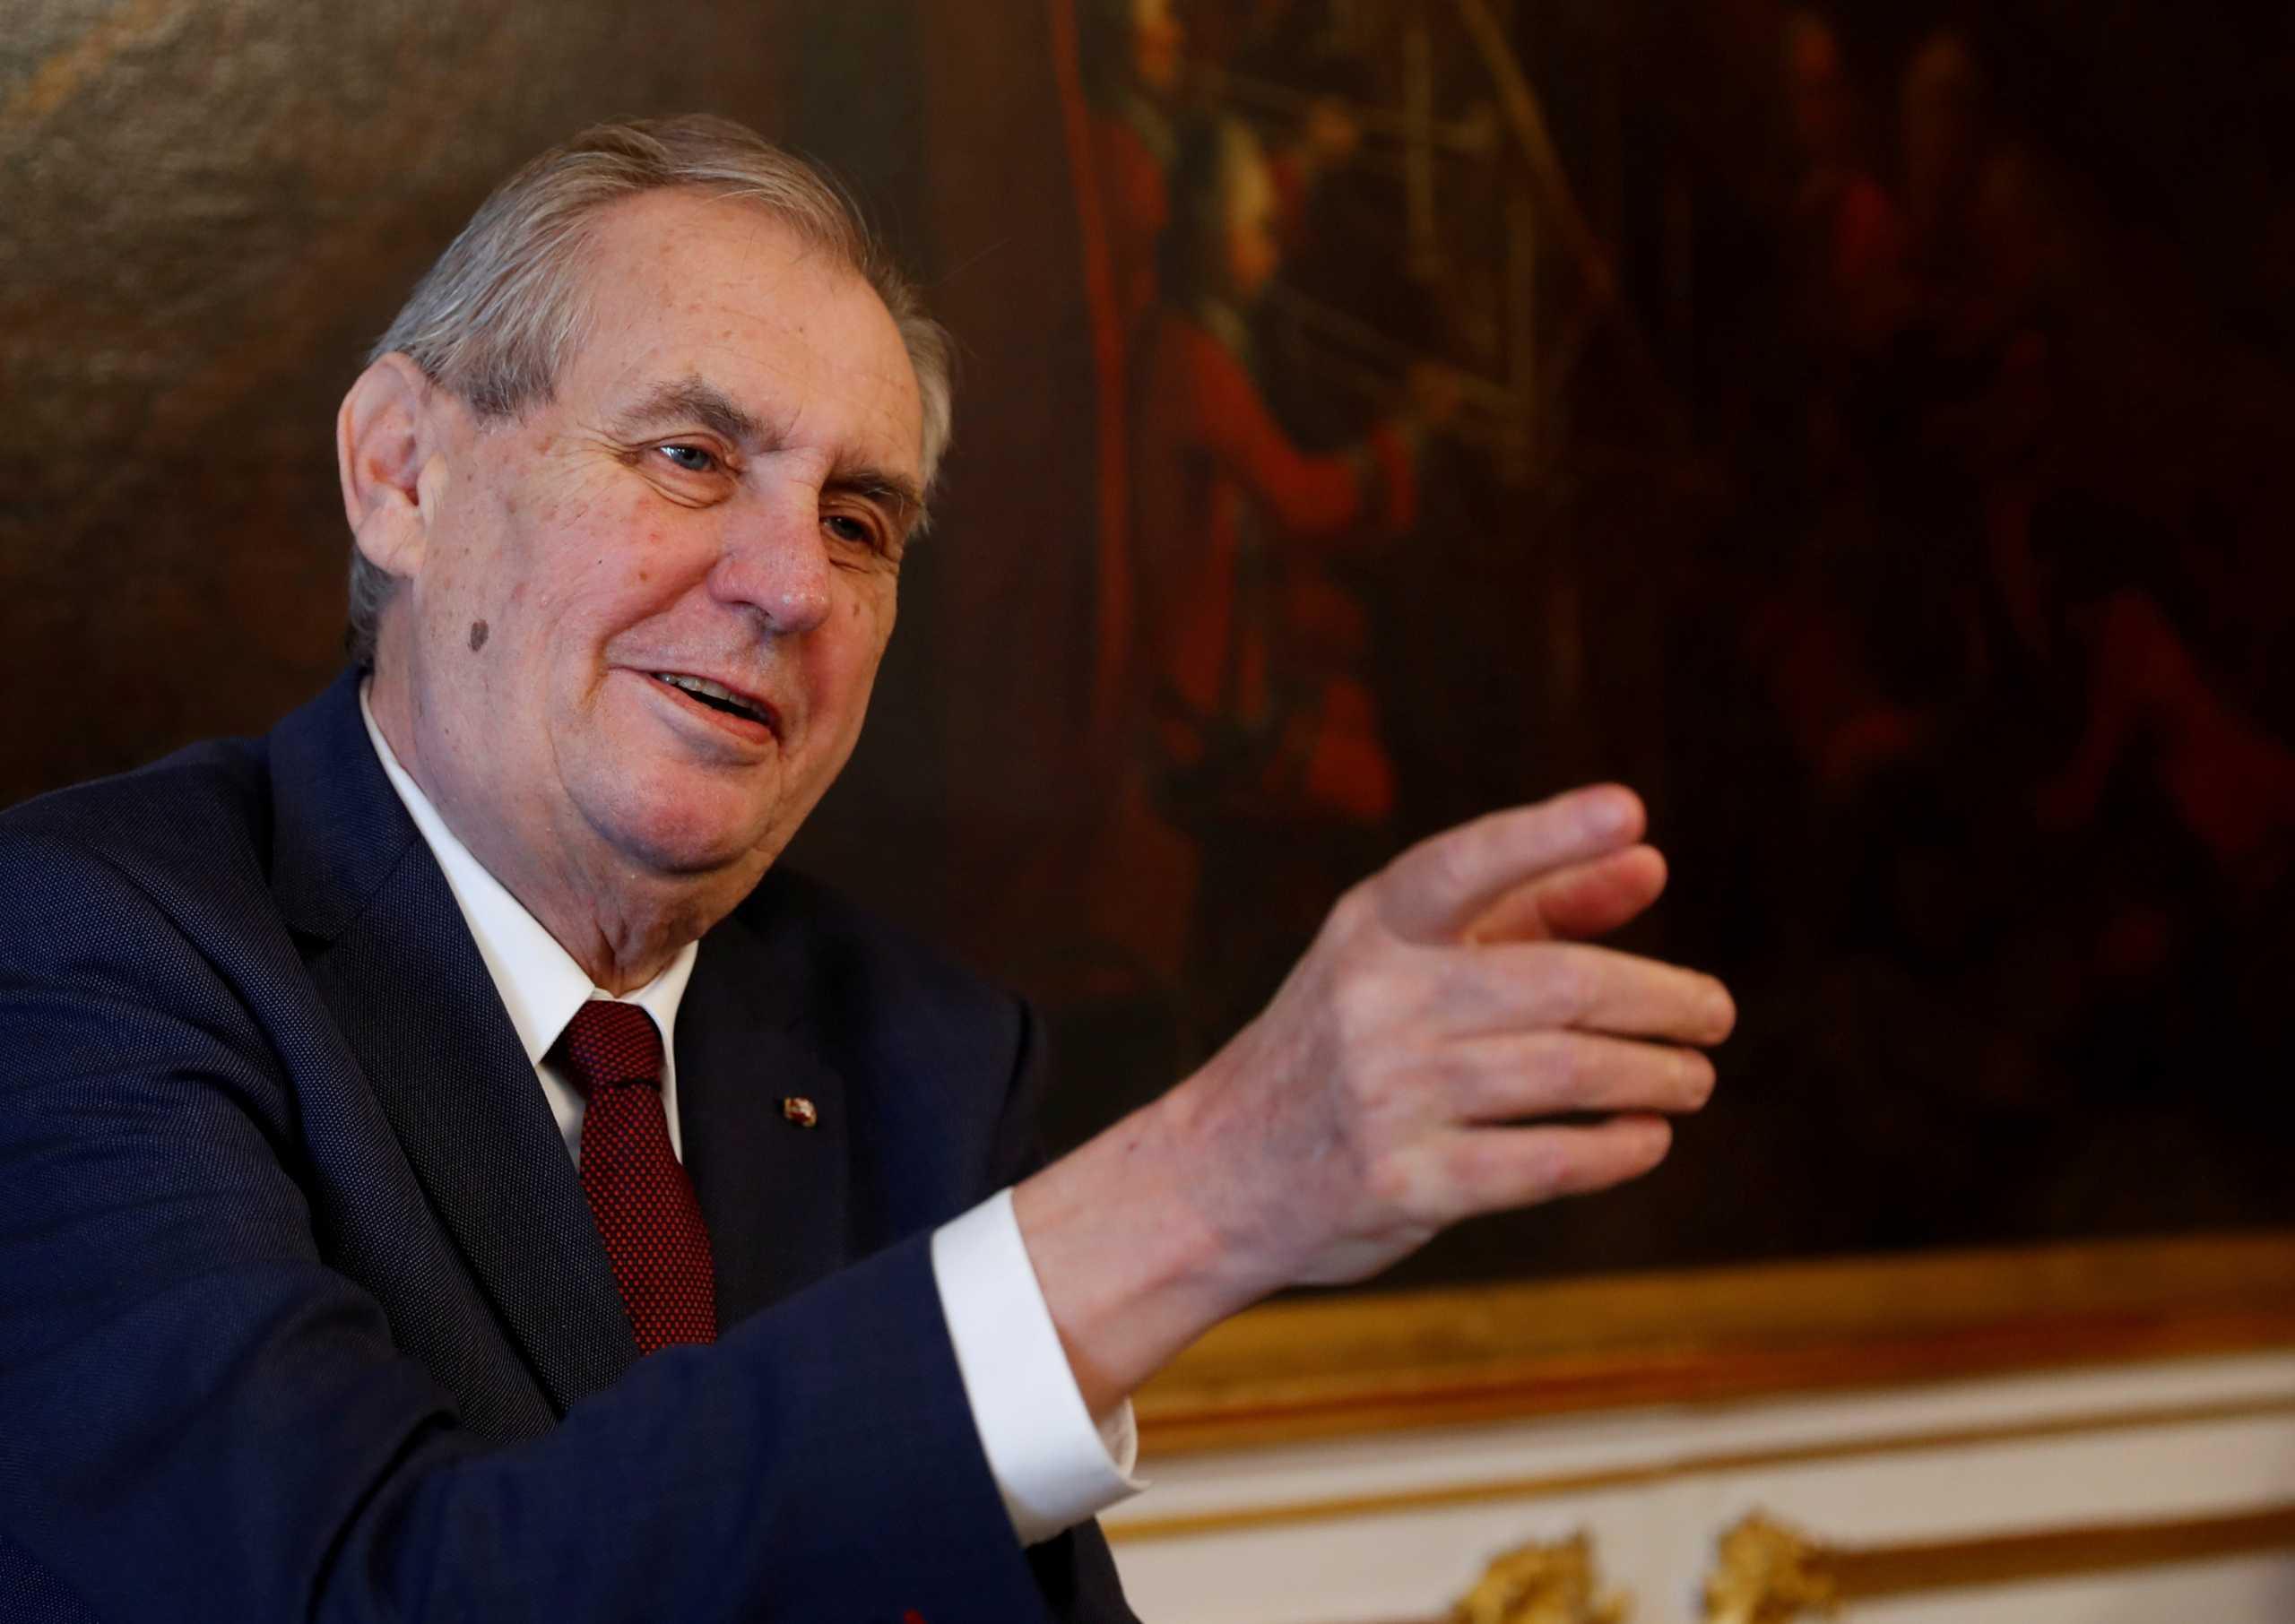 Ο πρόεδρος της Τσεχίας ζήτησε συγγνώμη για το βομβαρδισμό της Γιουγκοσλαβίας